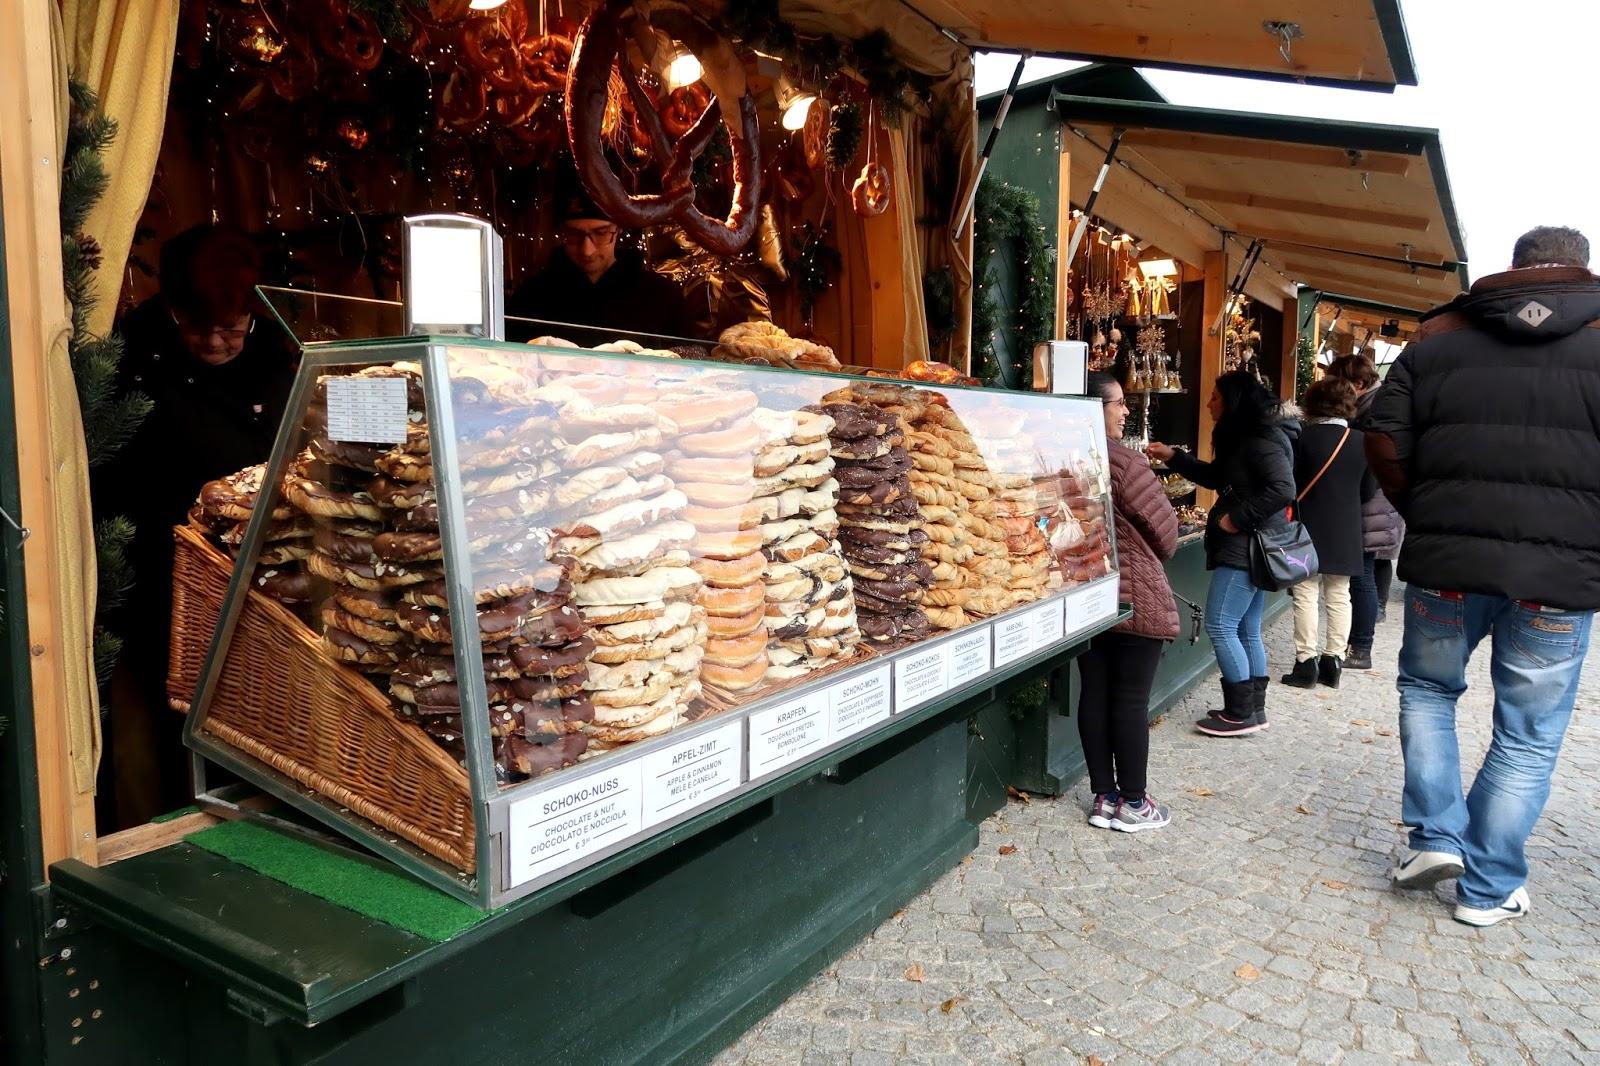 giant pretzel stand in Vienna christmas markets